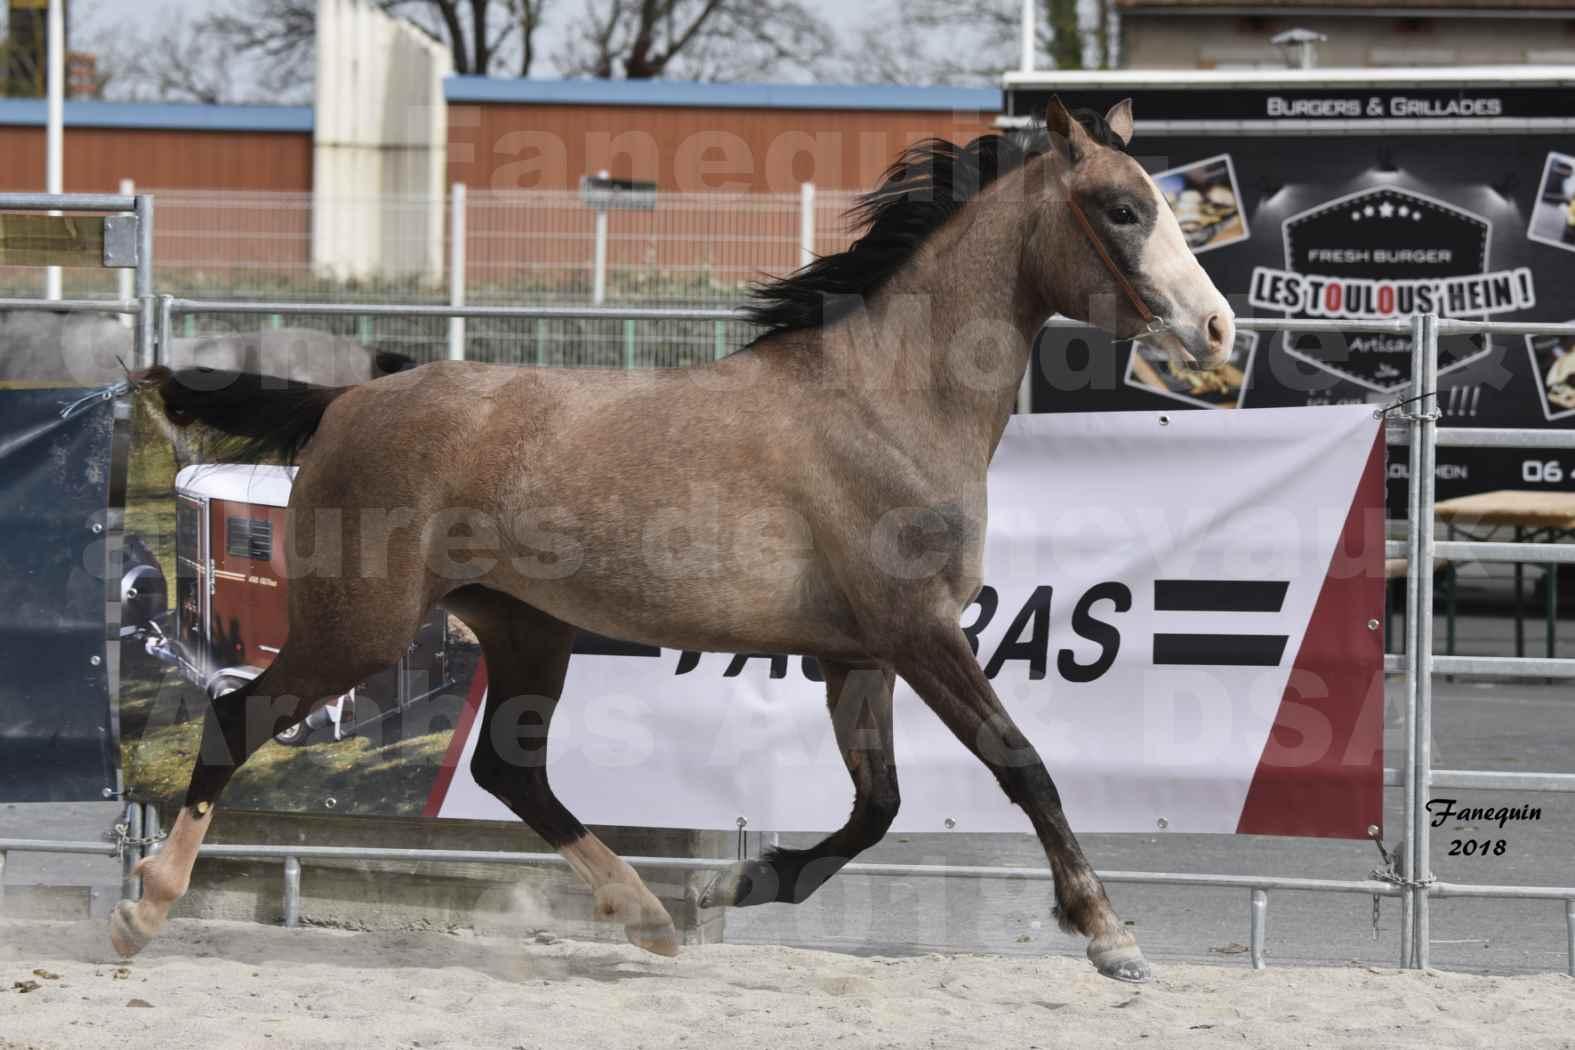 Concours d'élevage de Chevaux Arabes - D. S. A. - A. A. - ALBI les 6 & 7 Avril 2018 - FLORIA DU PUECH - Notre Sélection 06